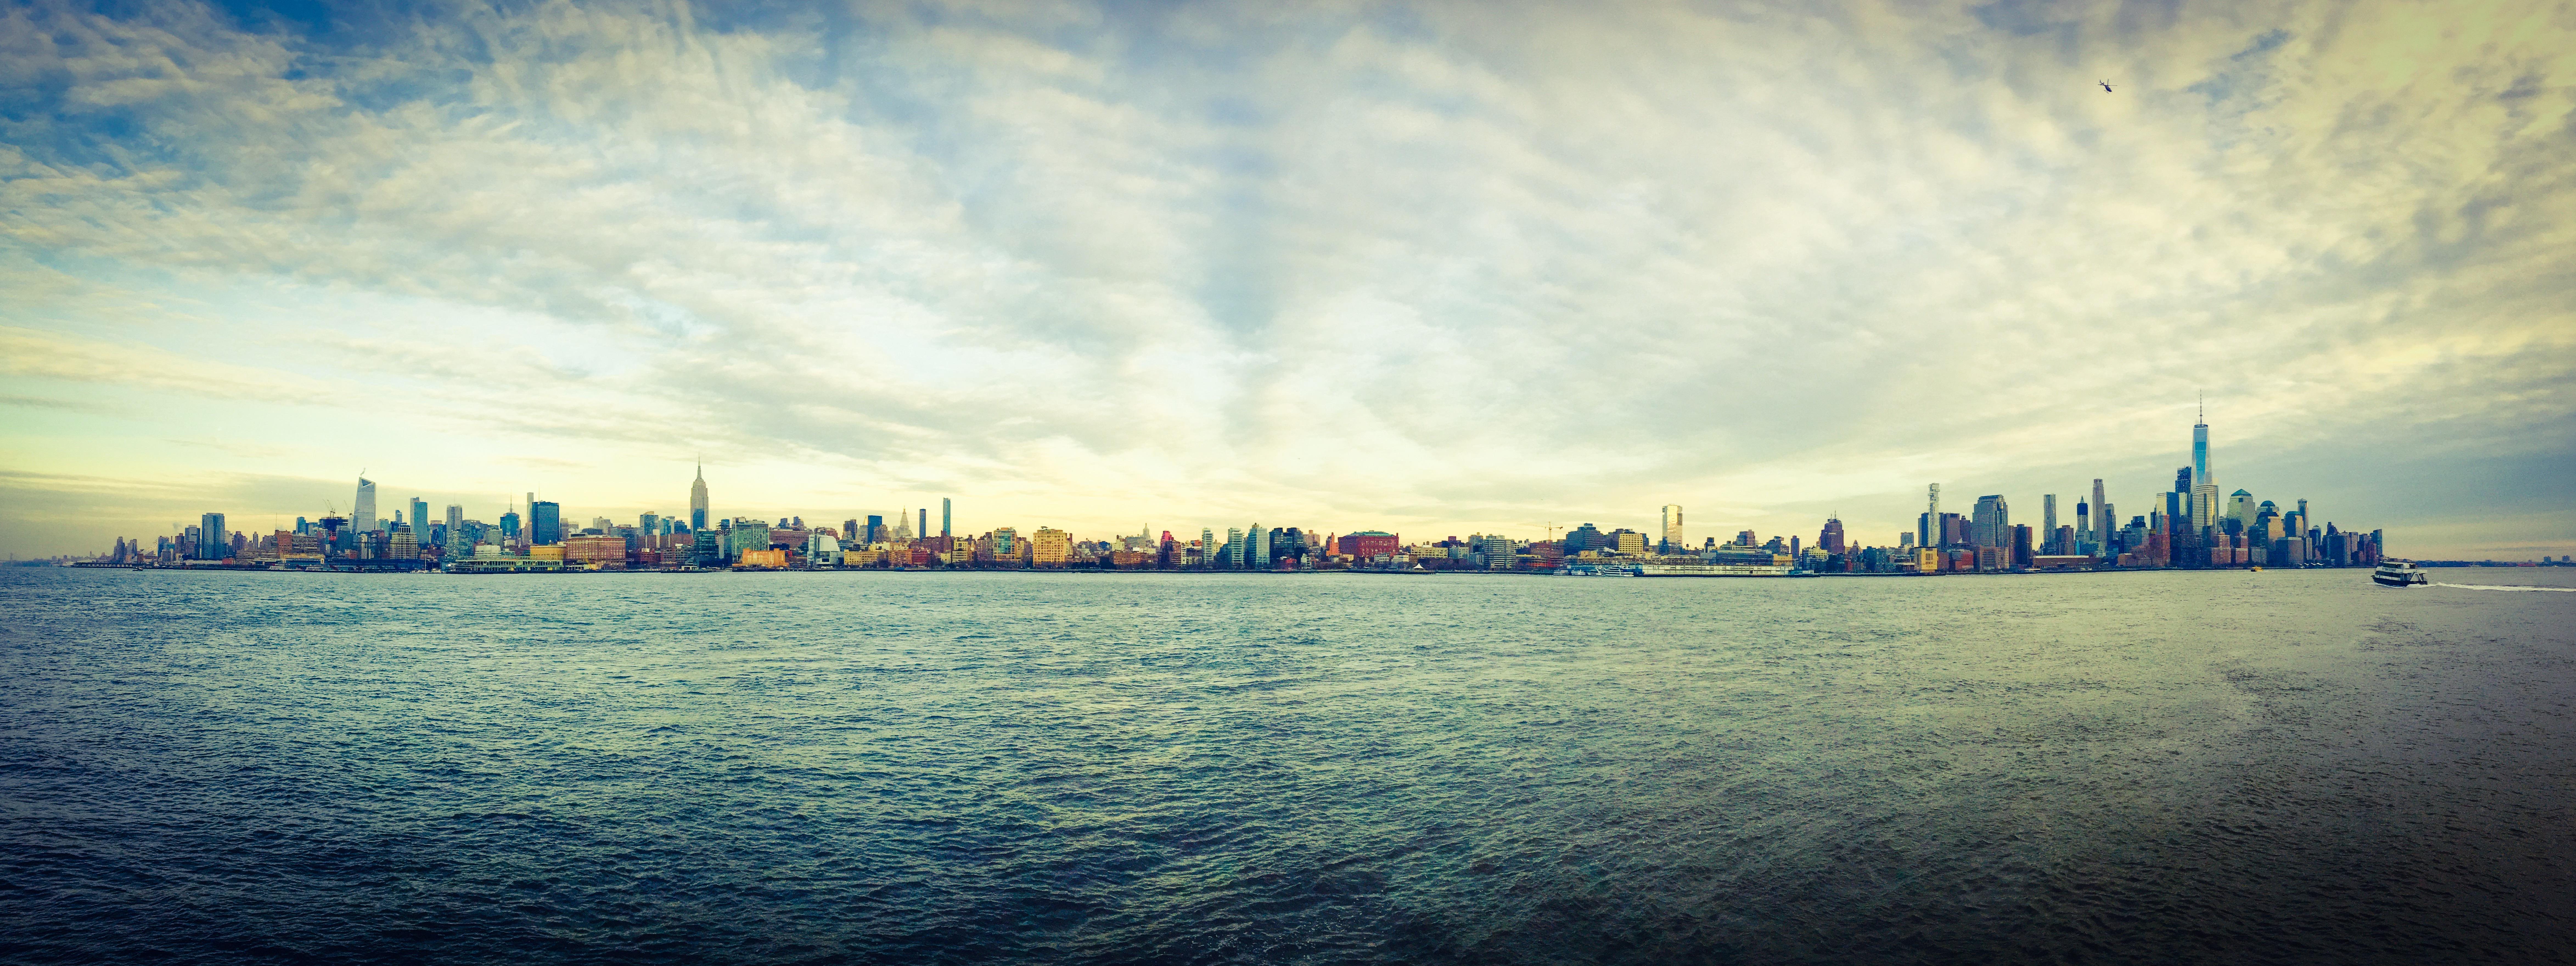 Widok na Manhattan, Nowy York. Źródło: zbiór własny autora